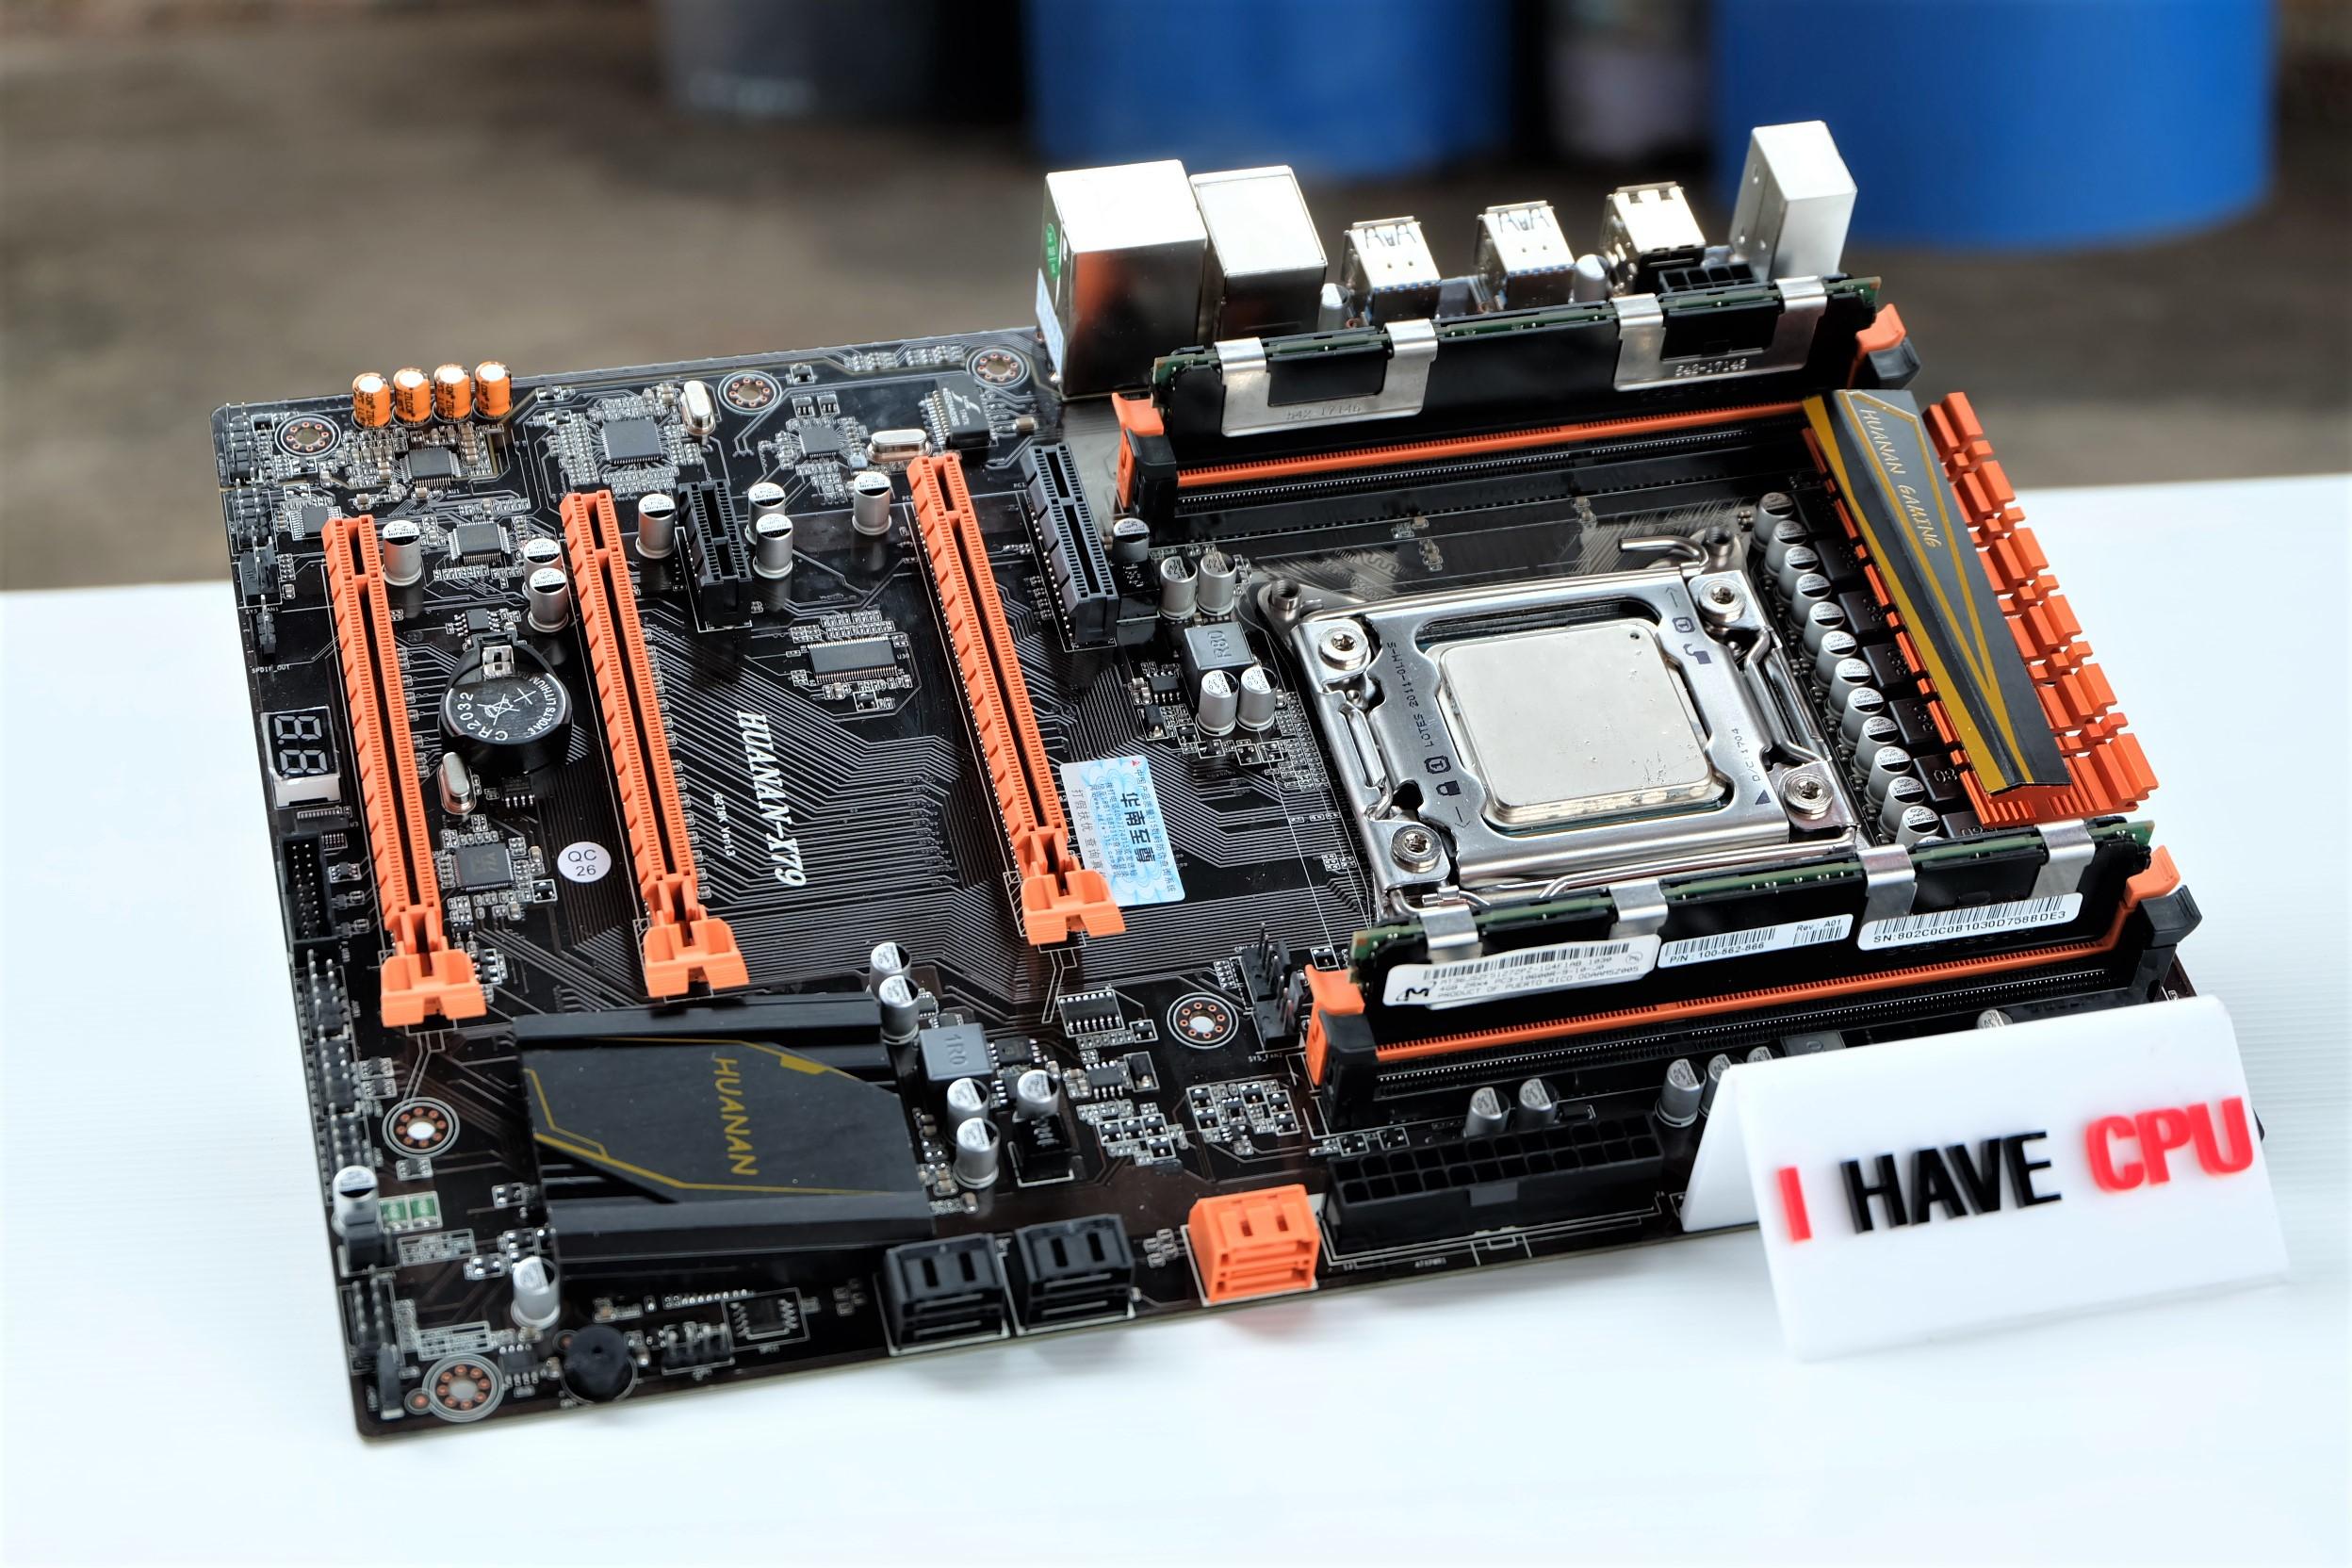 CPU : E5-2630 V2 Turbo 3.1Ghz 6 Core 12 Thread MB : Huanan X79 ของใหม่ RAM : 16GB DDR3 ECC 1600Mhz